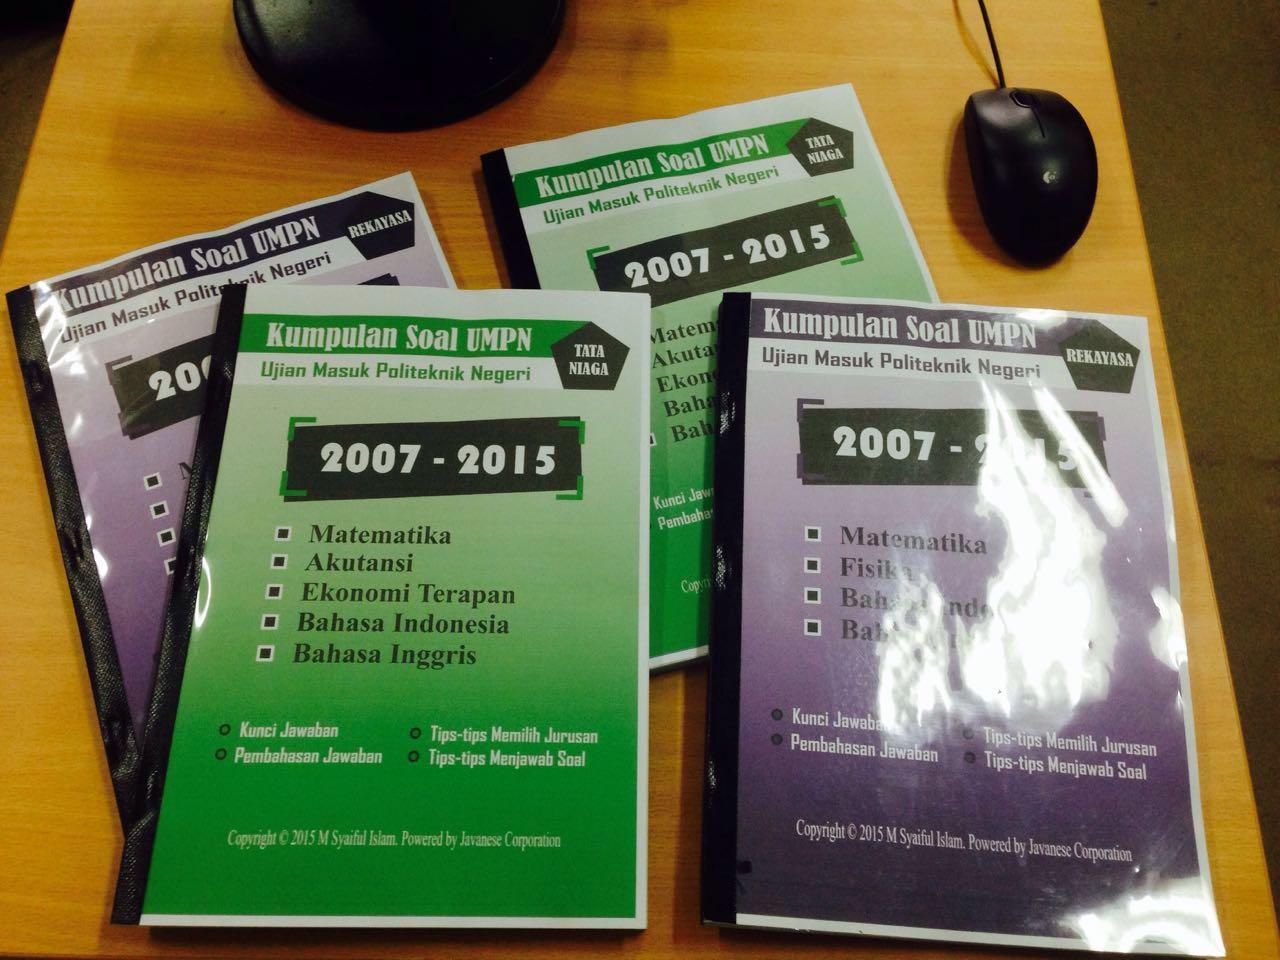 Download Soal Umpn Gelombang 2 Atau Ujian Mandiri Pnj Dokumen 471